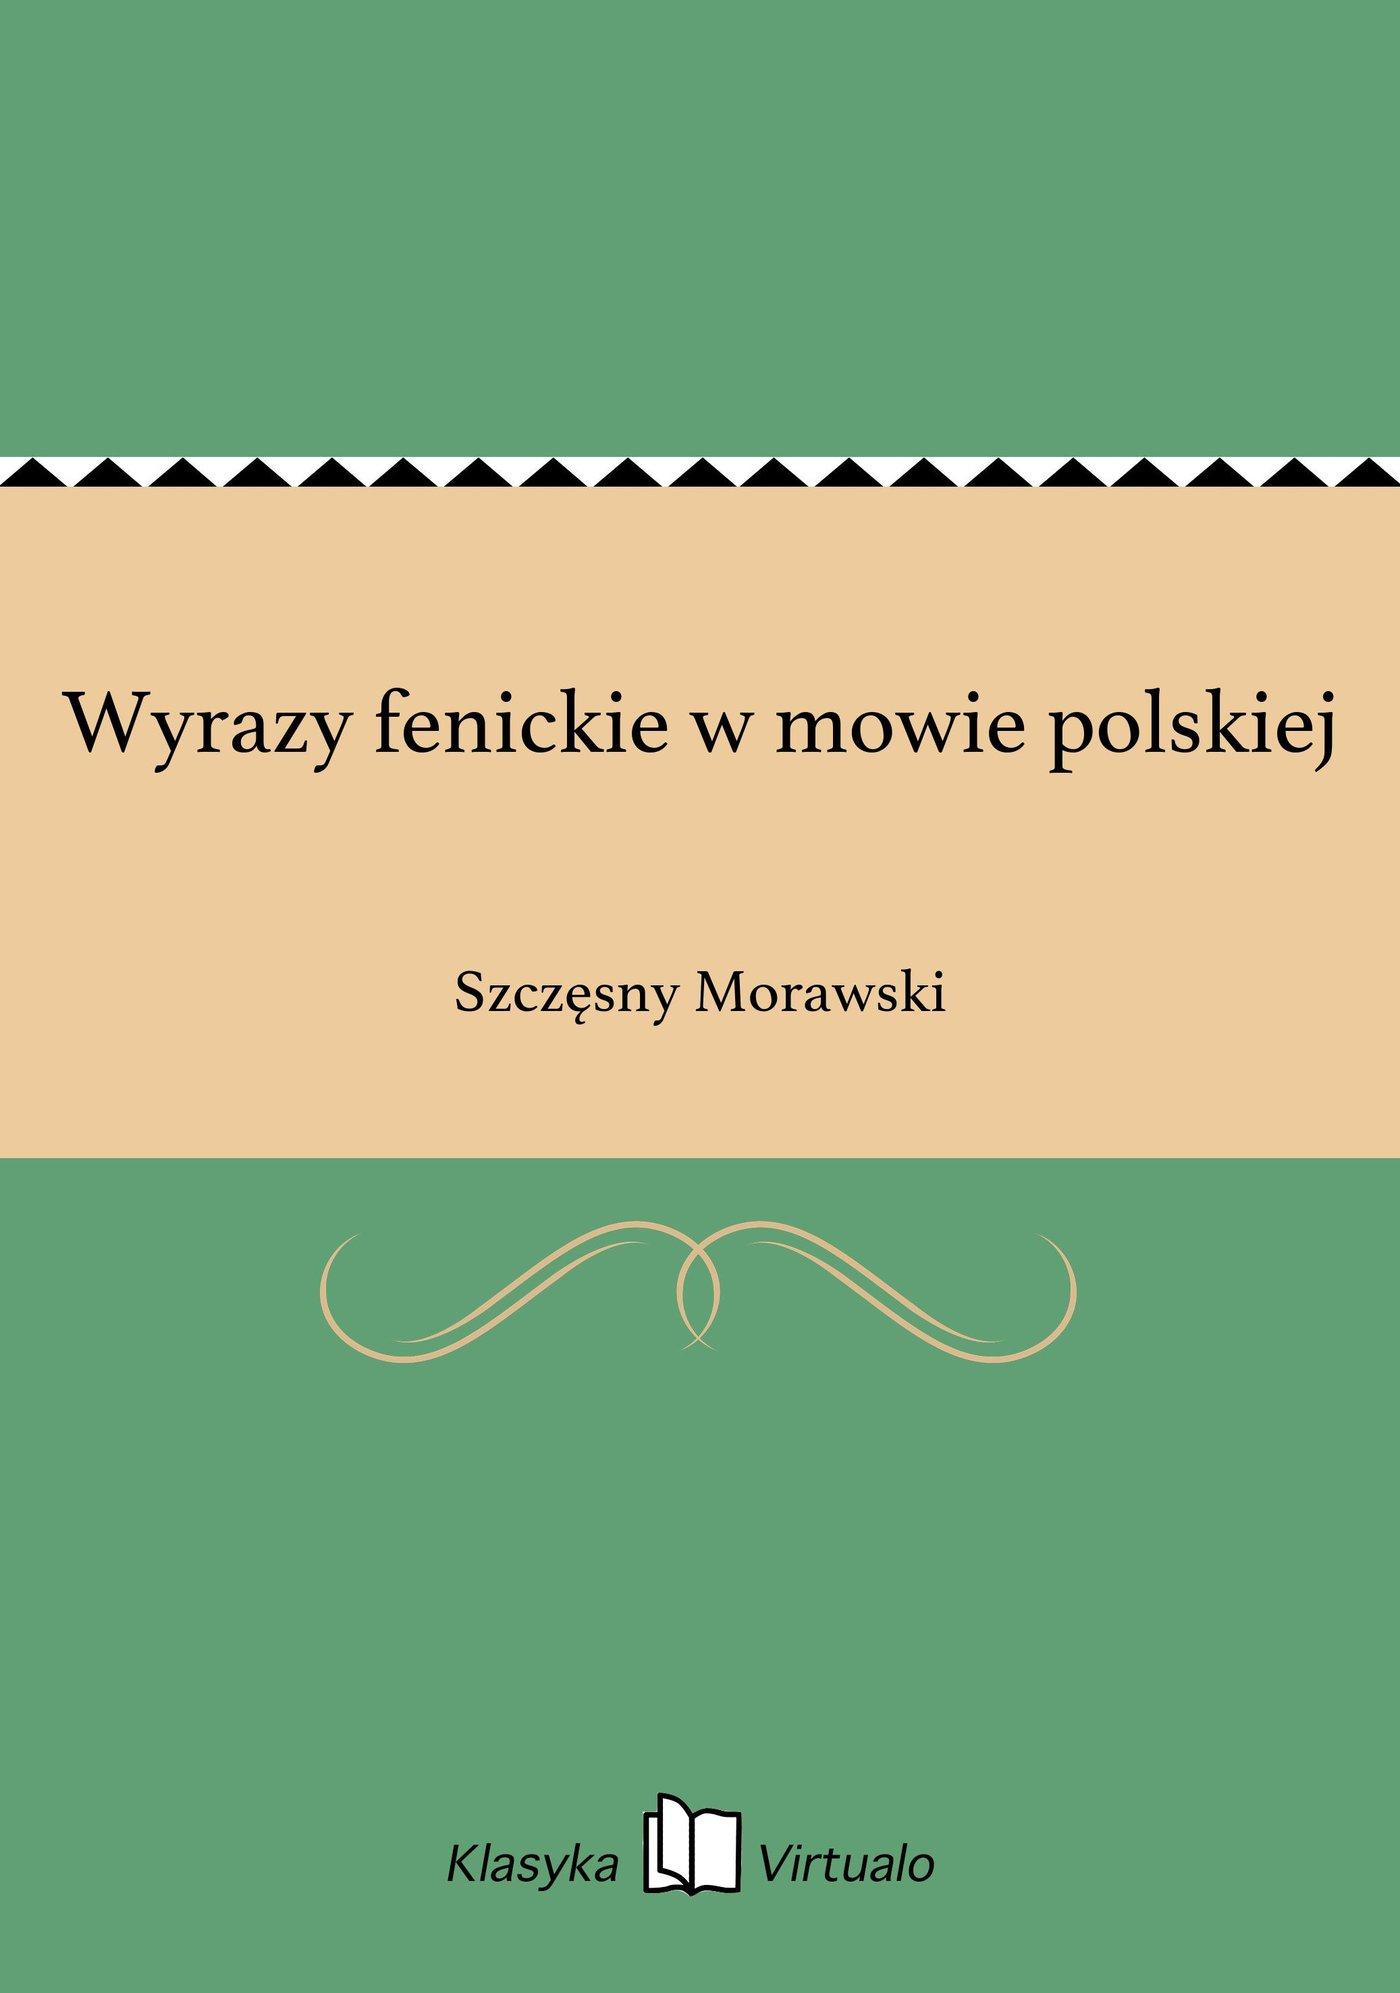 Wyrazy fenickie w mowie polskiej - Ebook (Książka EPUB) do pobrania w formacie EPUB